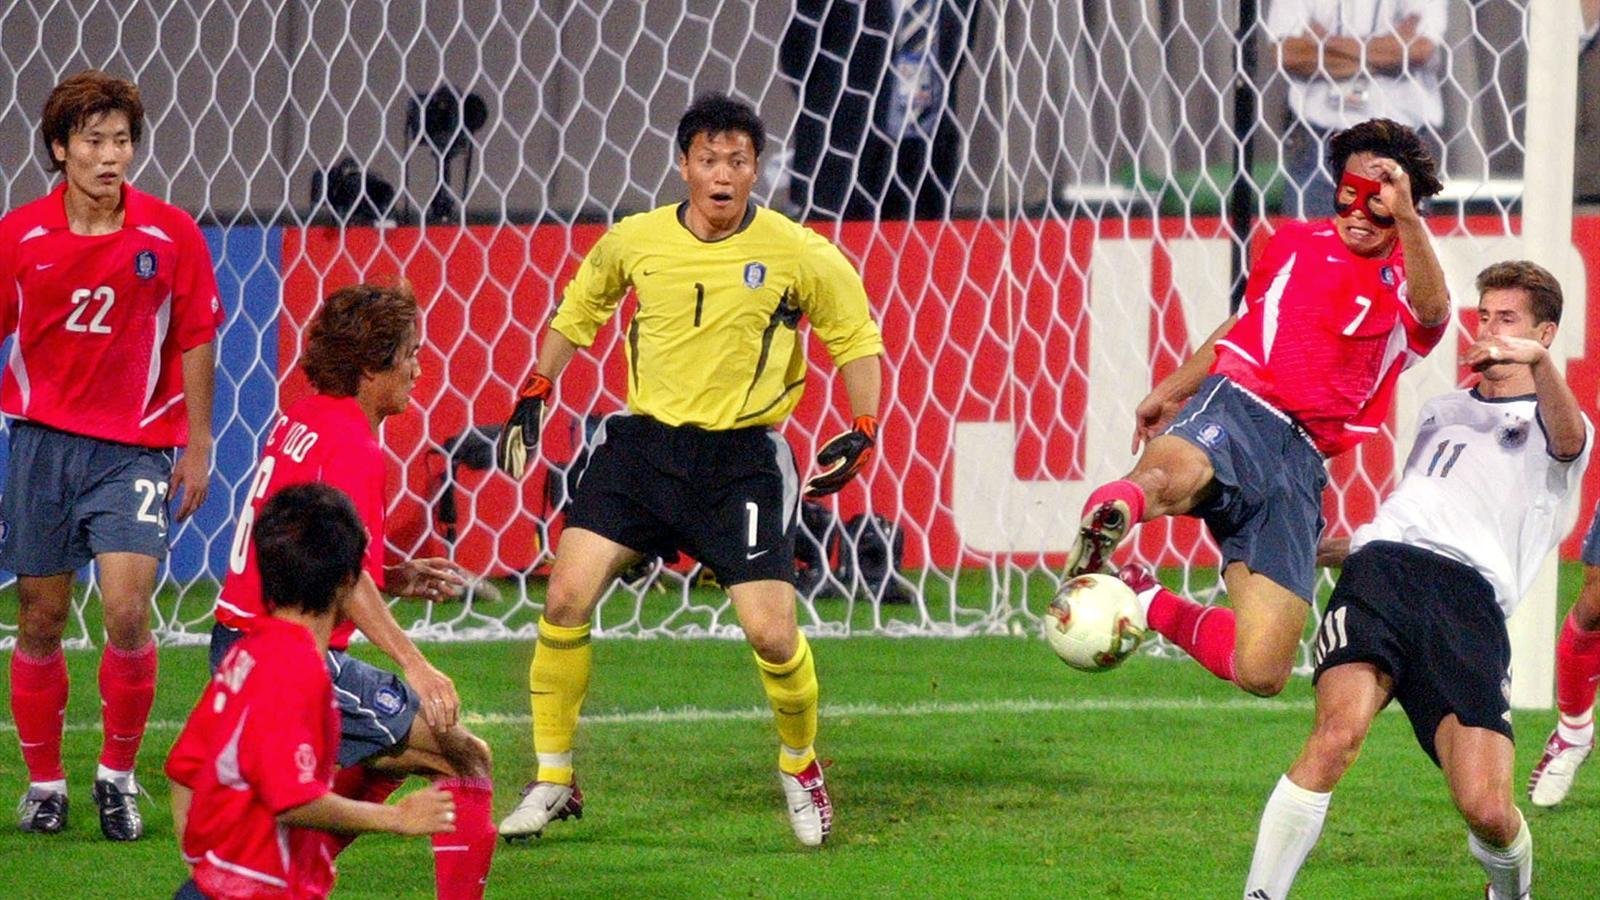 Le Top 10 des rêves brisés par l'Allemagne en Coupe du monde